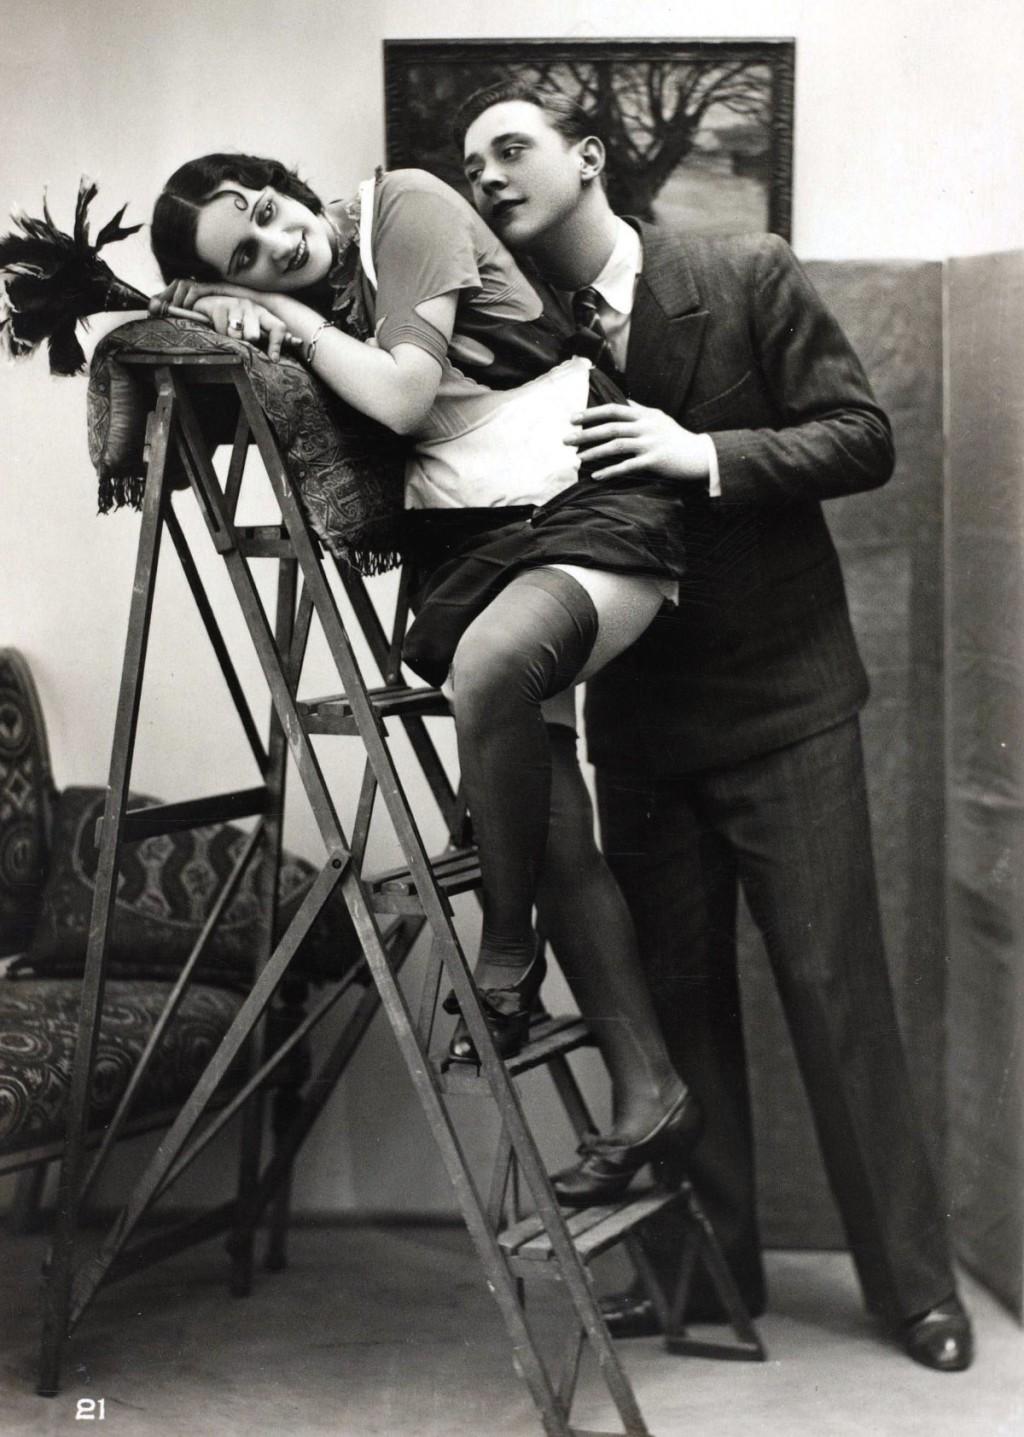 Смотреть эротику 20х годов 2 фотография